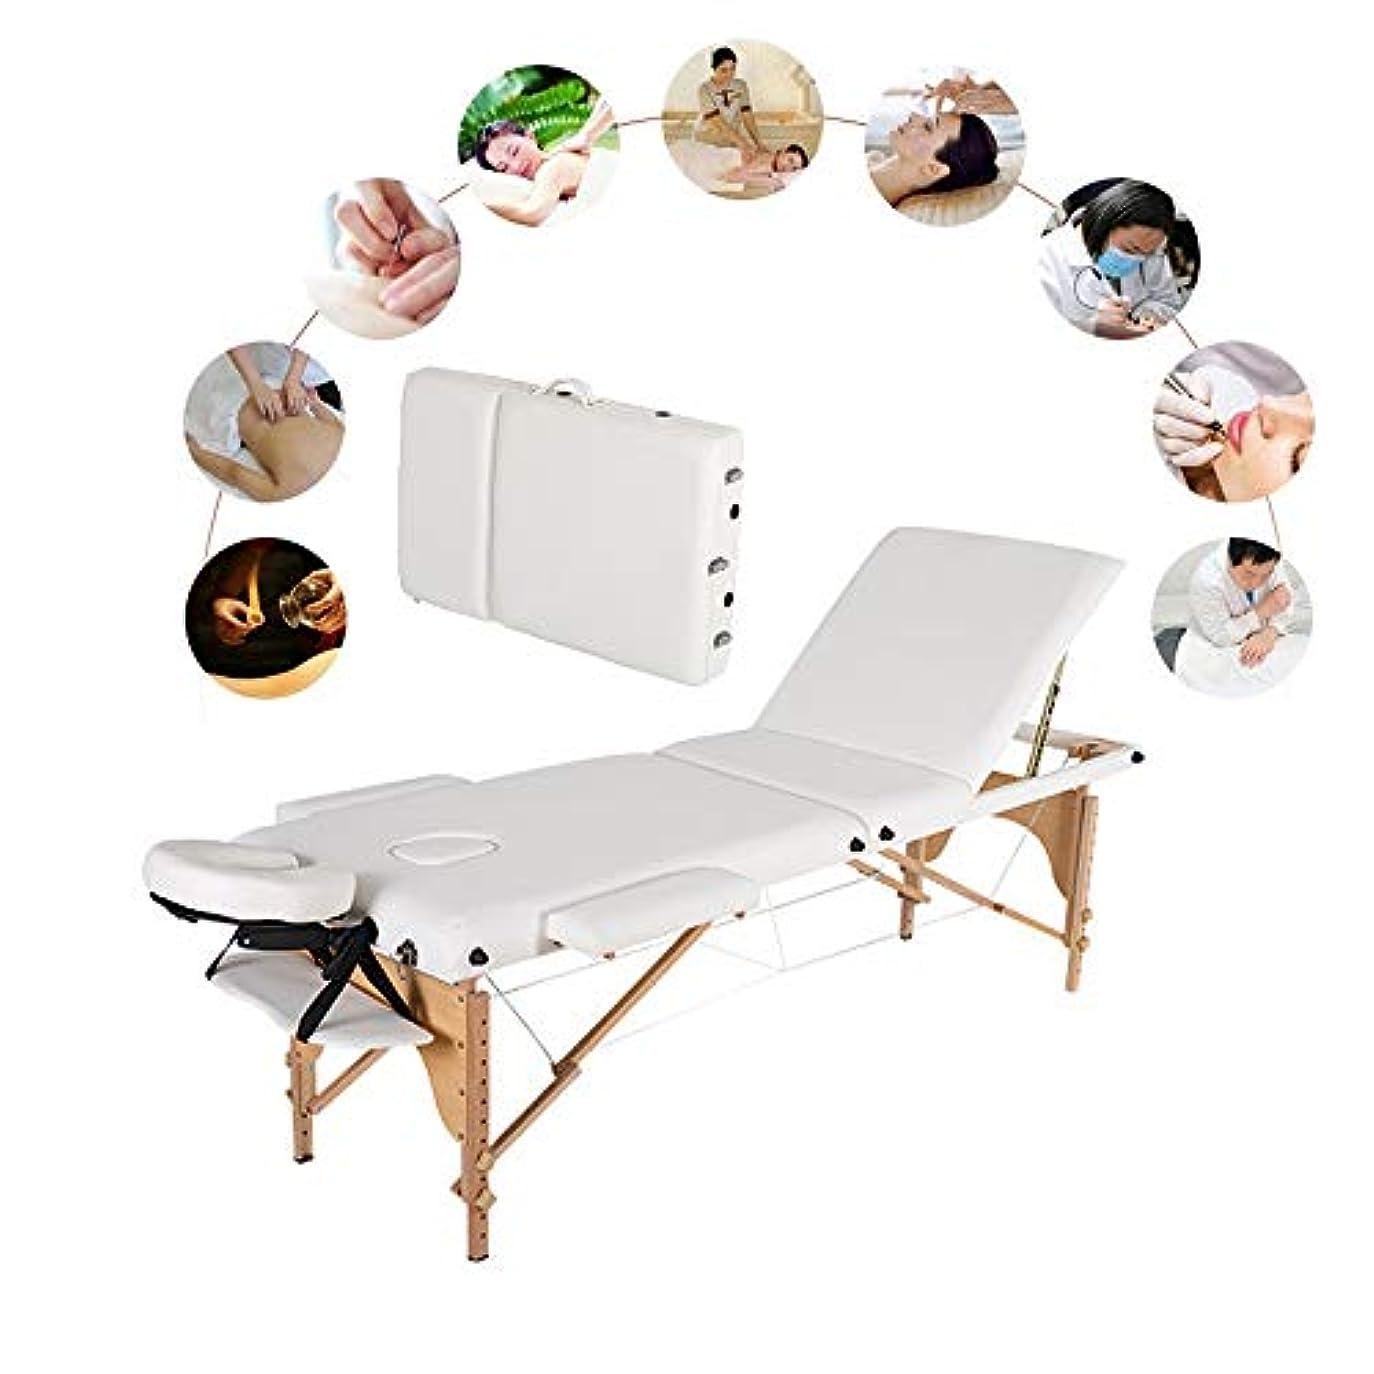 吸う演じる自分のために背もたれ付きプロフェッショナルポータブルマッサージテーブル - キャリーケース付き3フォールドマッサージ表Heigh調整PUポータブルサロンベッド